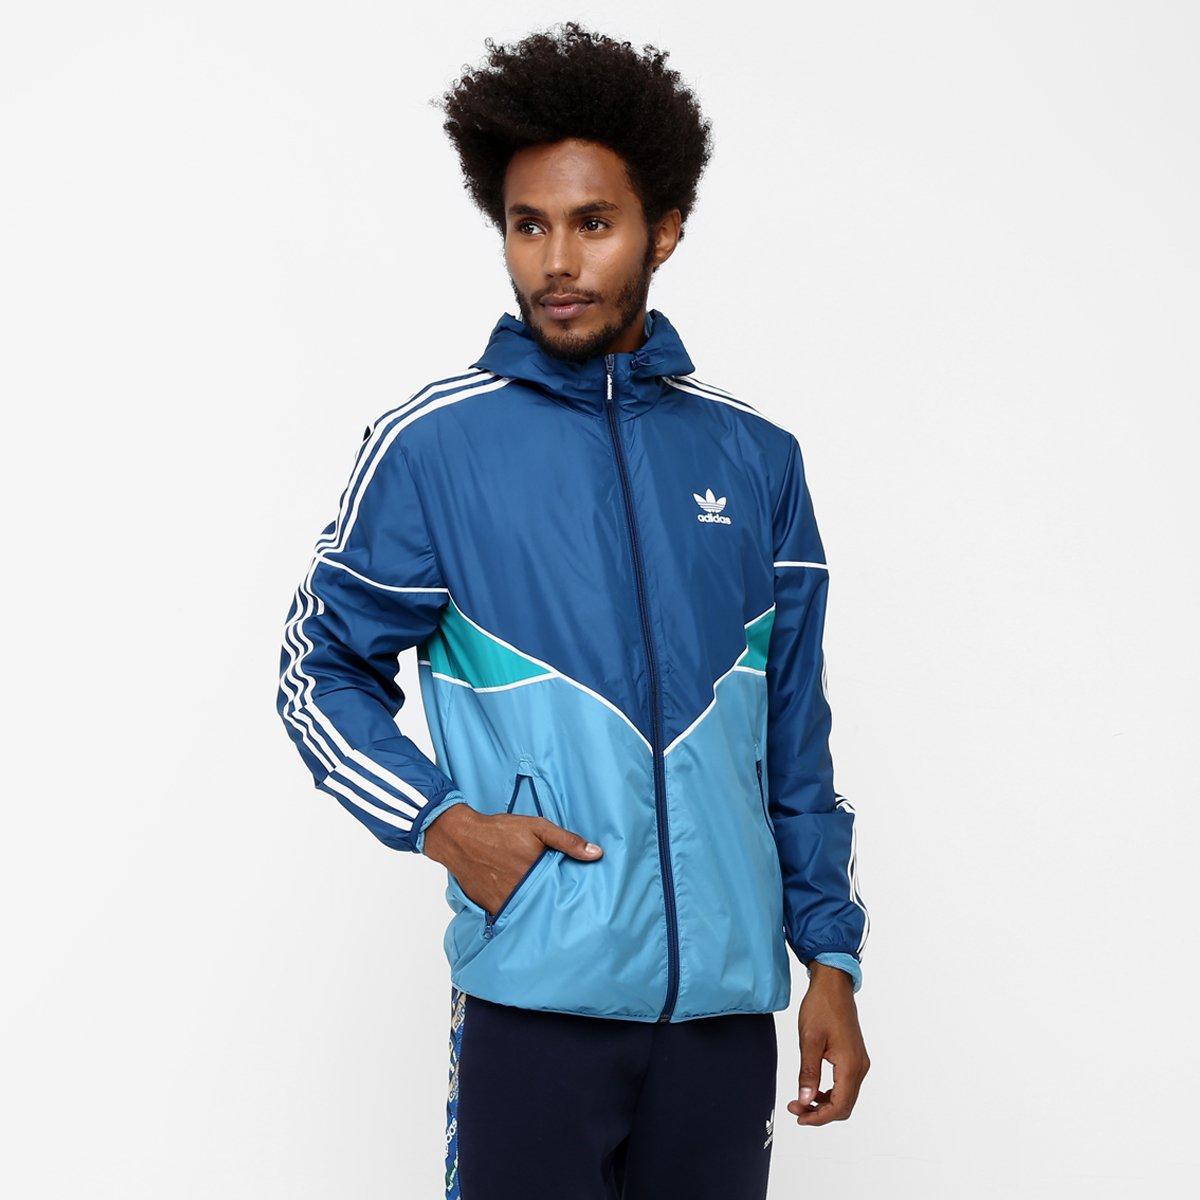 cc35f1005d8 Jaqueta Adidas Colorado Tennis c  Capuz - Compre Agora